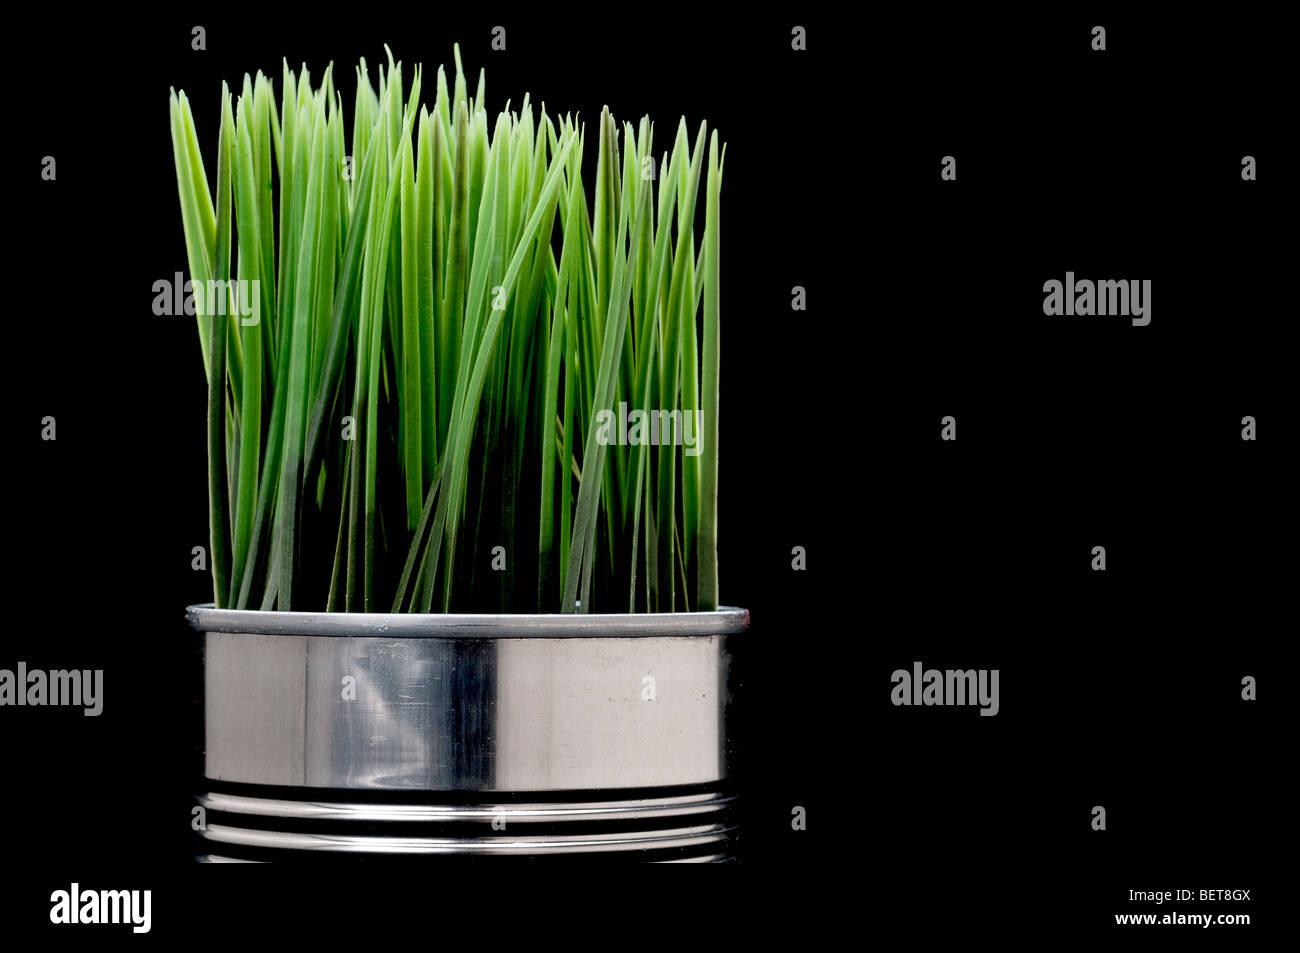 La croissance de l'herbe verte d'un recyclage de l'aluminium peut Photo Stock